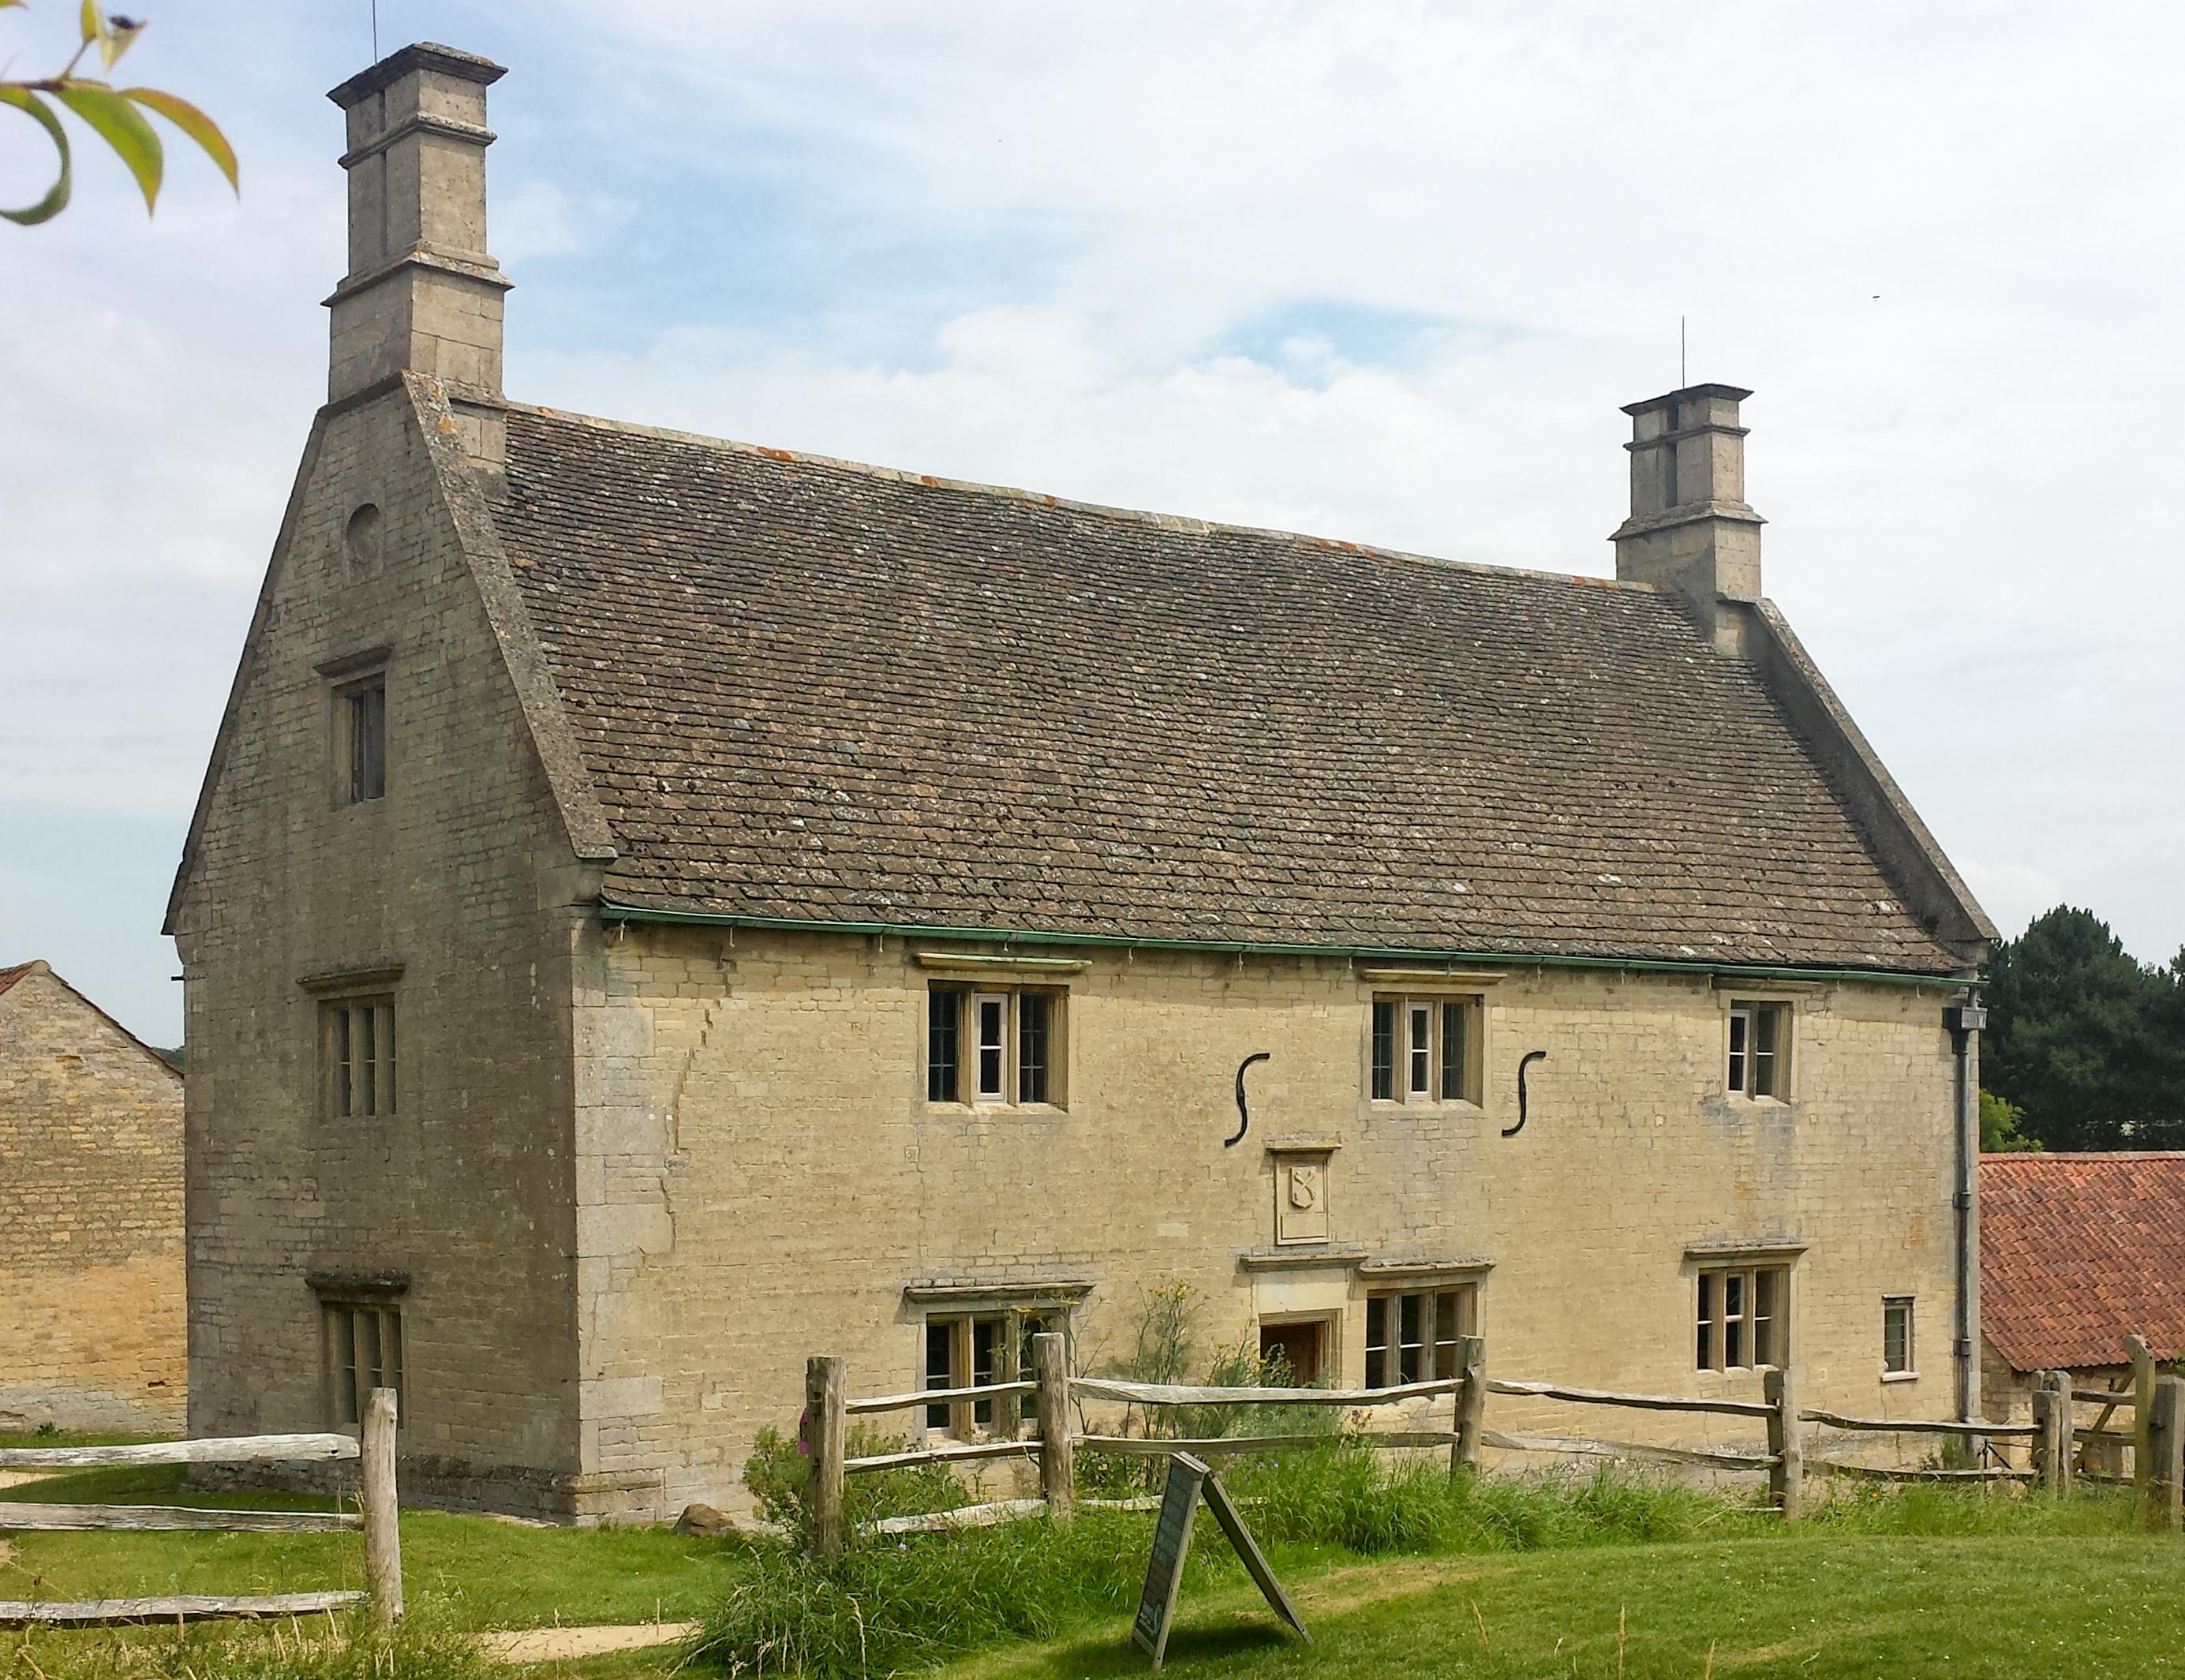 Woolsthorpe_Manor_-_west_facade